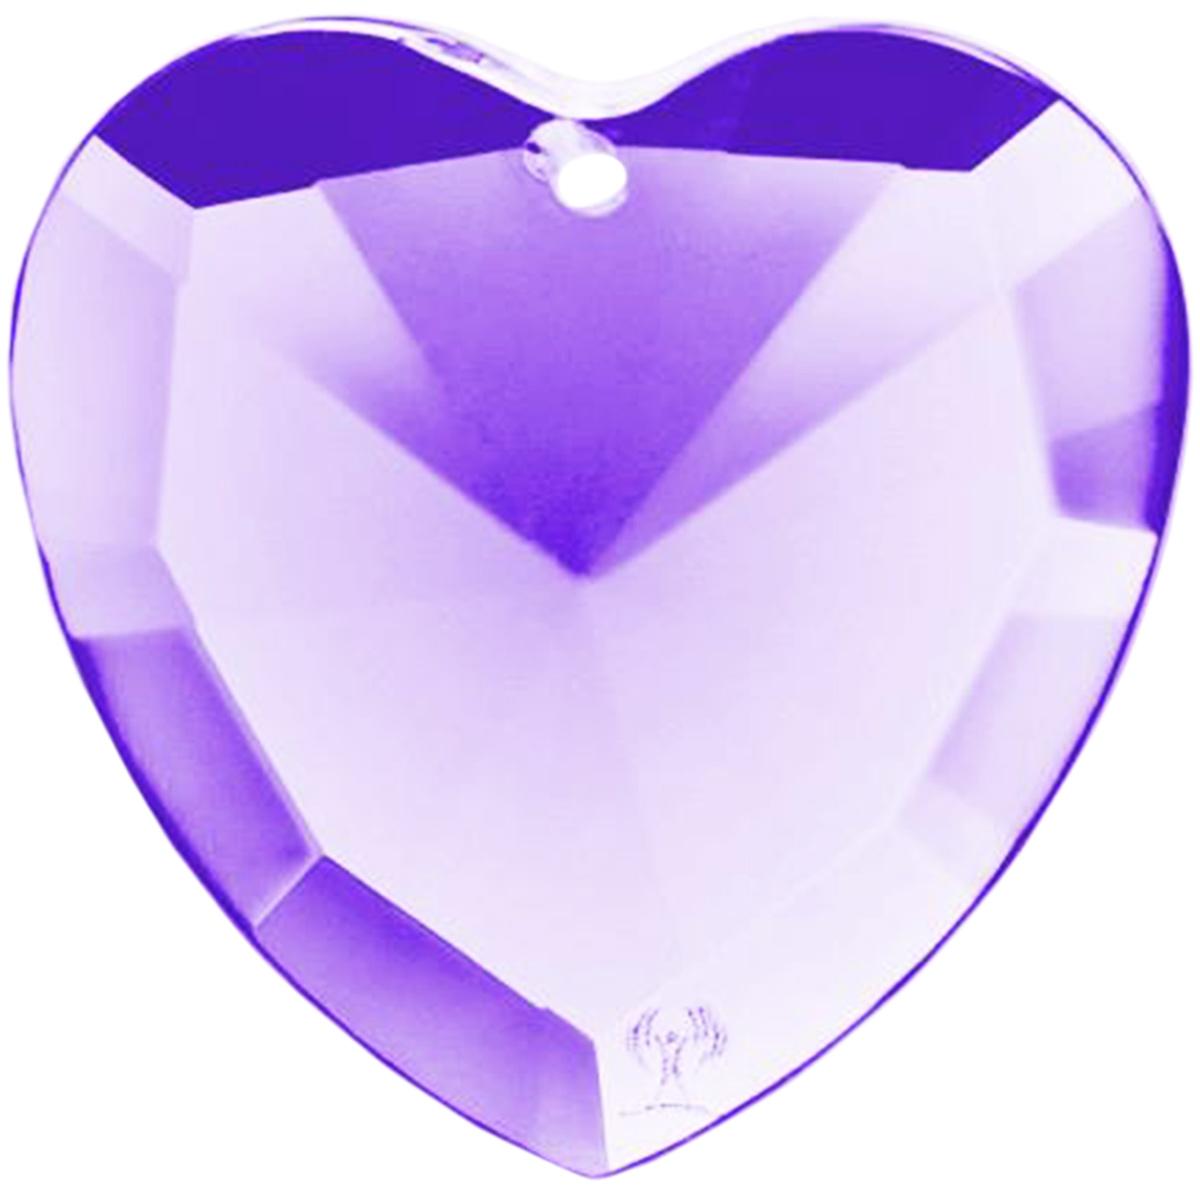 リヒトウェーゼン エロヒムの紫の光 ハート型クリスタル クリップ無し ( LichtWesen リヒトウェーゼン リヒトヴェーゼン エロヒムの光 ) LW-EH07 日本国内正規品 【 あす楽 送料無料 】